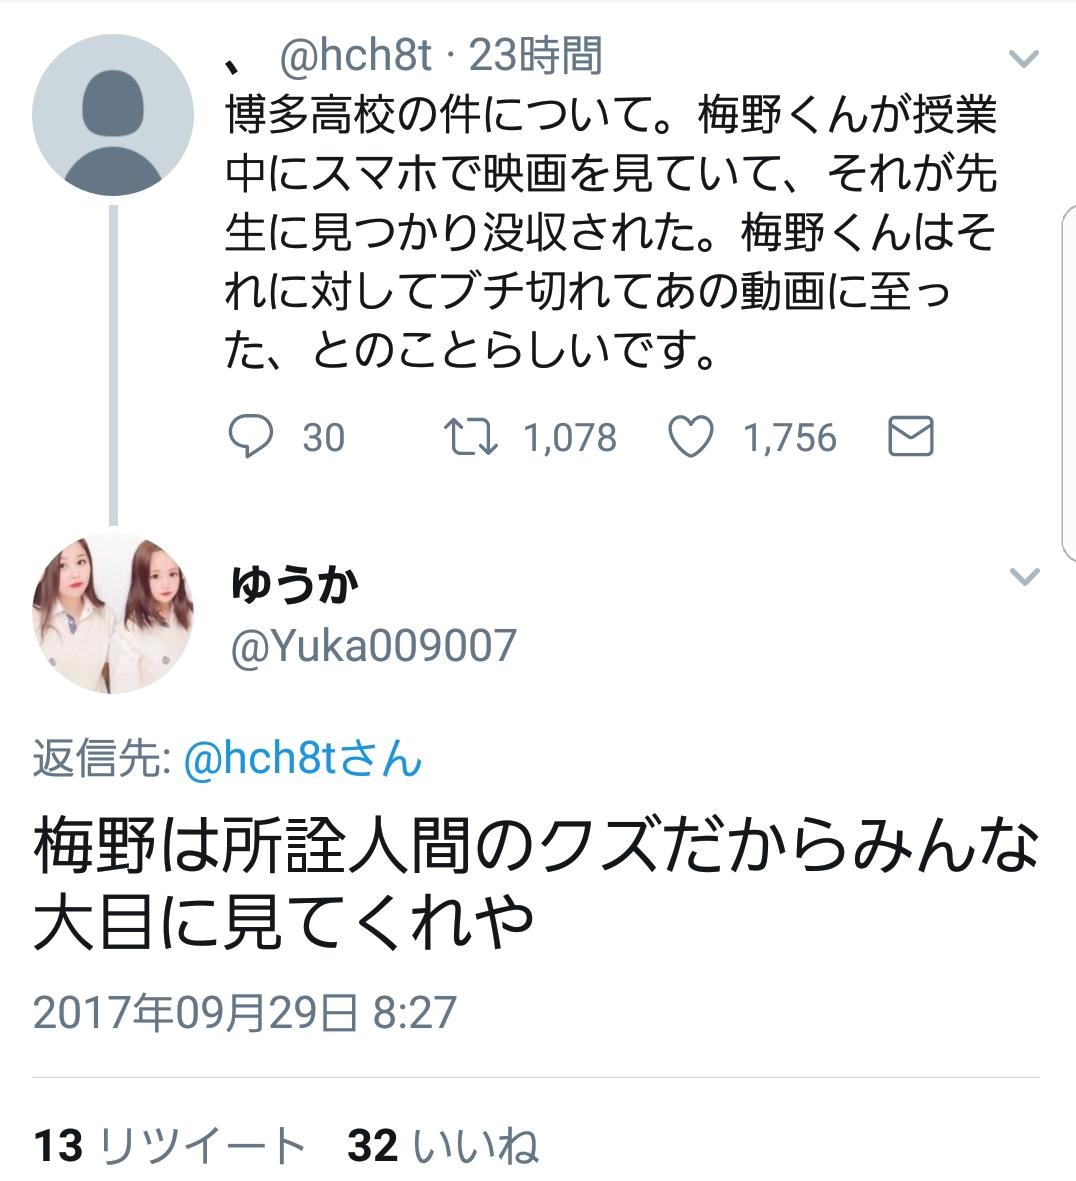 【動画】講師への傷害容疑で福岡市の私立高校男子生徒を逮捕!!のサムネイル画像